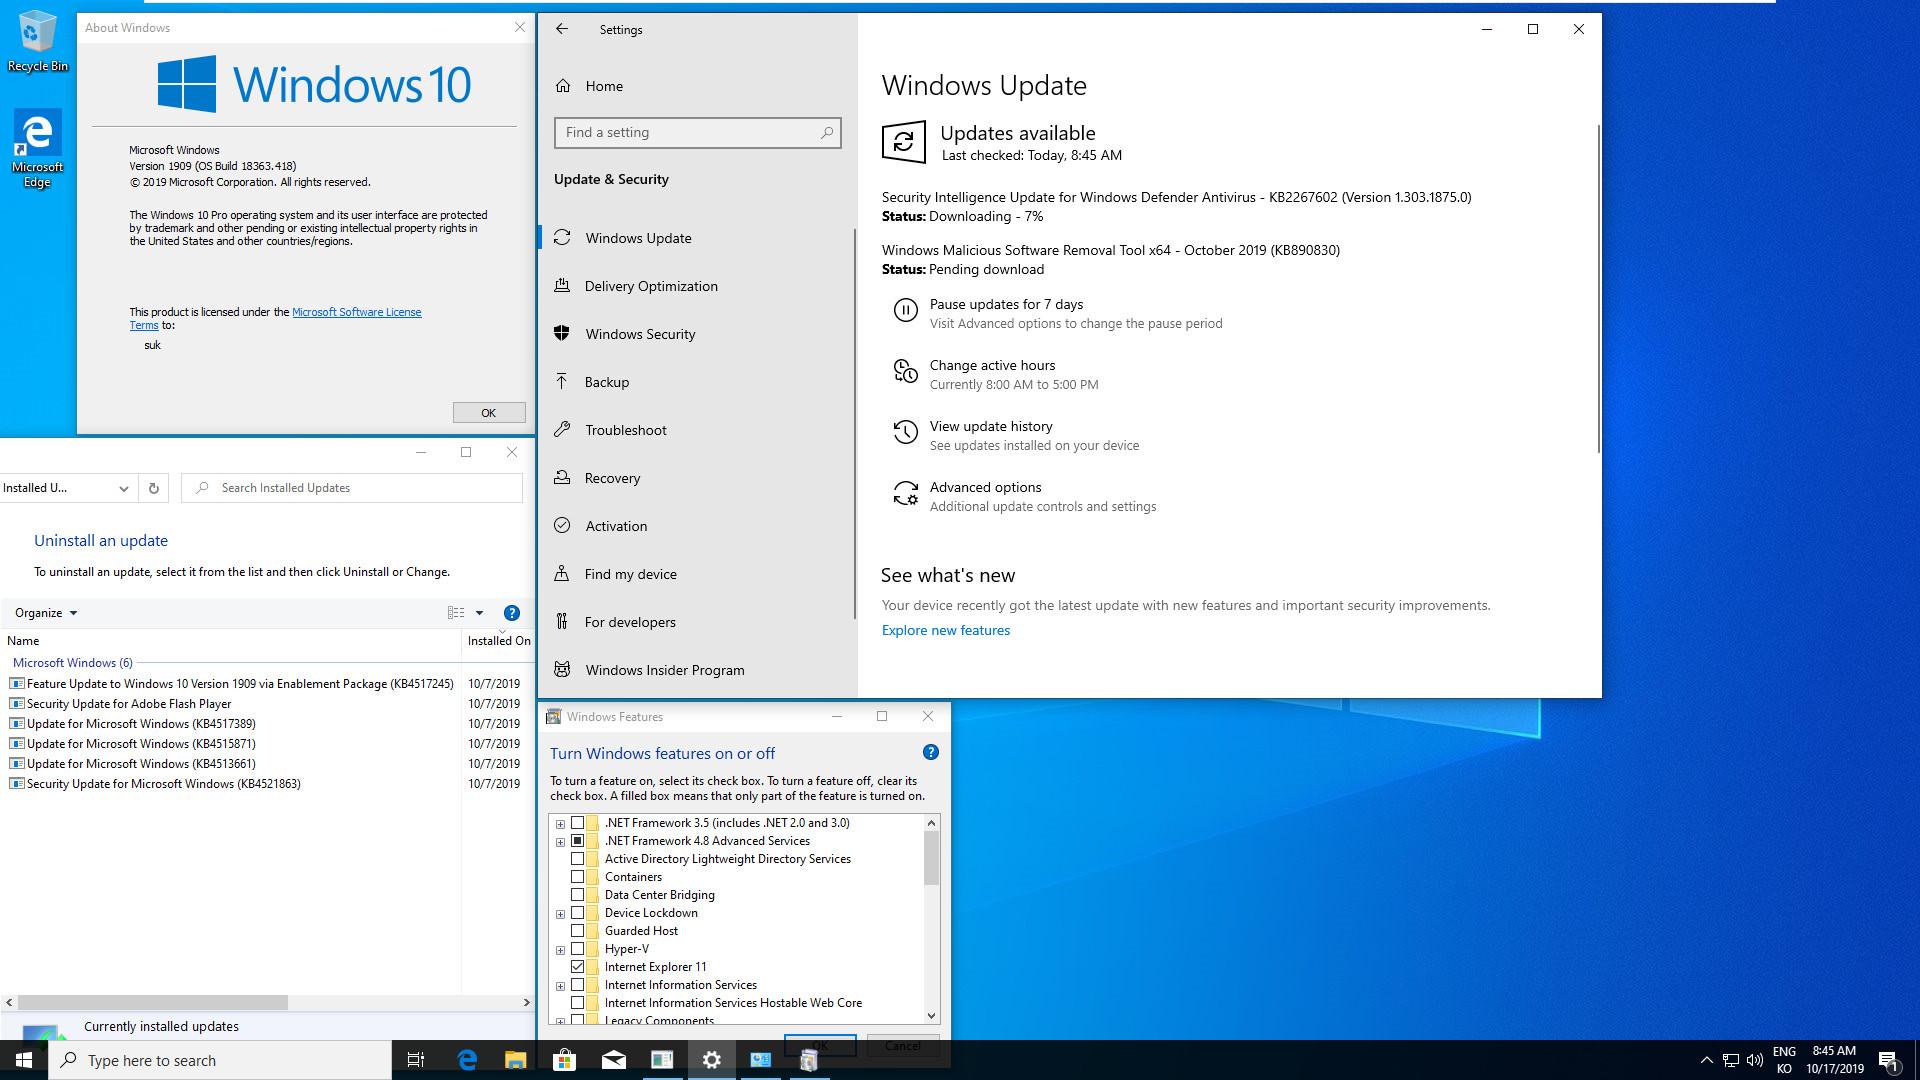 Windows 10 버전 1909 (OS빌드 18363.418) 코드네임 19H2 첫 MSDN 영문판 나왔네요 - 설치 테스트 2019-10-17_084558.jpg